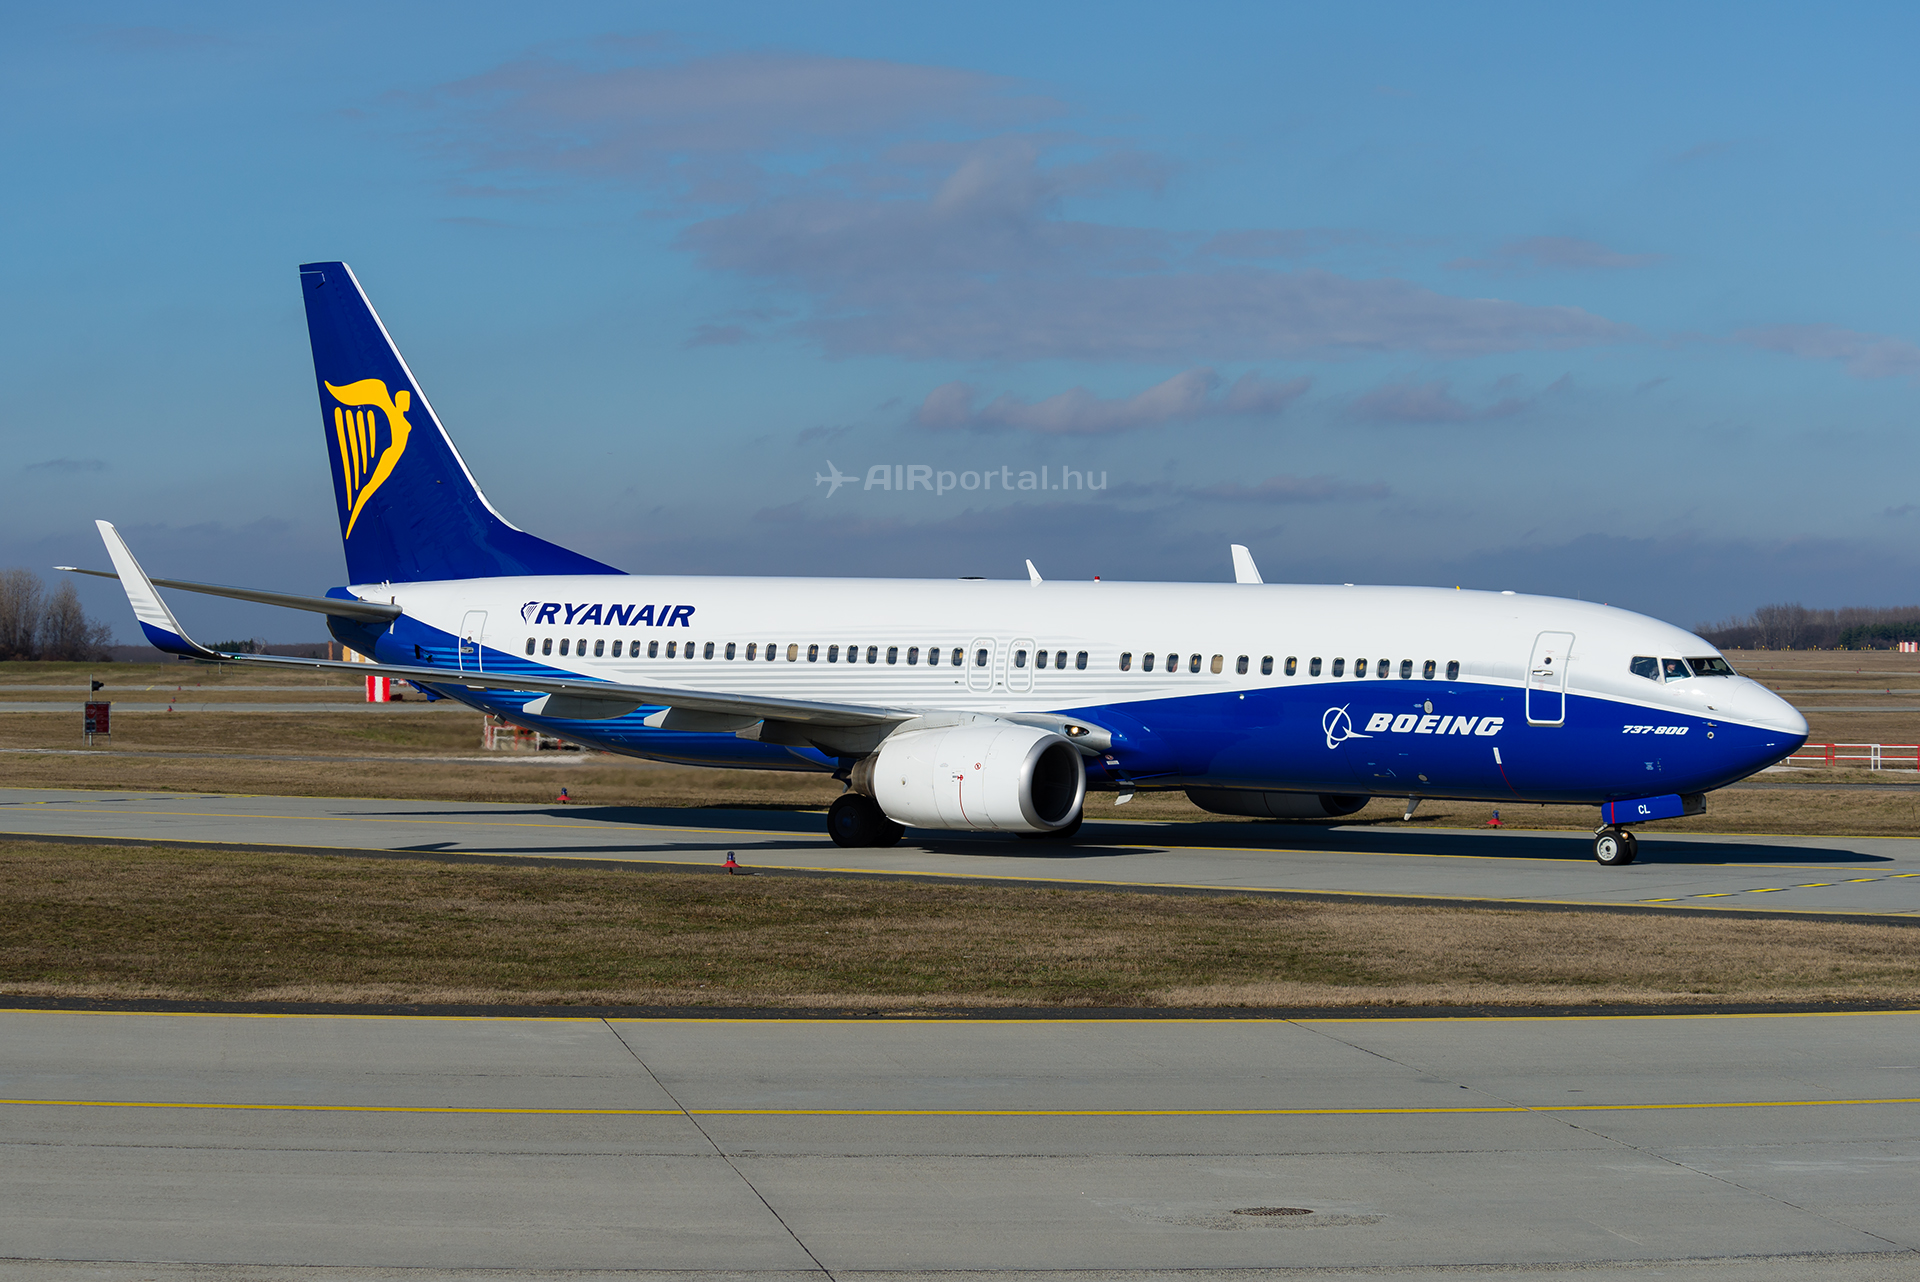 Januárban a 737-es jobban fogyott, mint az A320. (Fotó: AIRportal.hu) | © AIRportal.hu